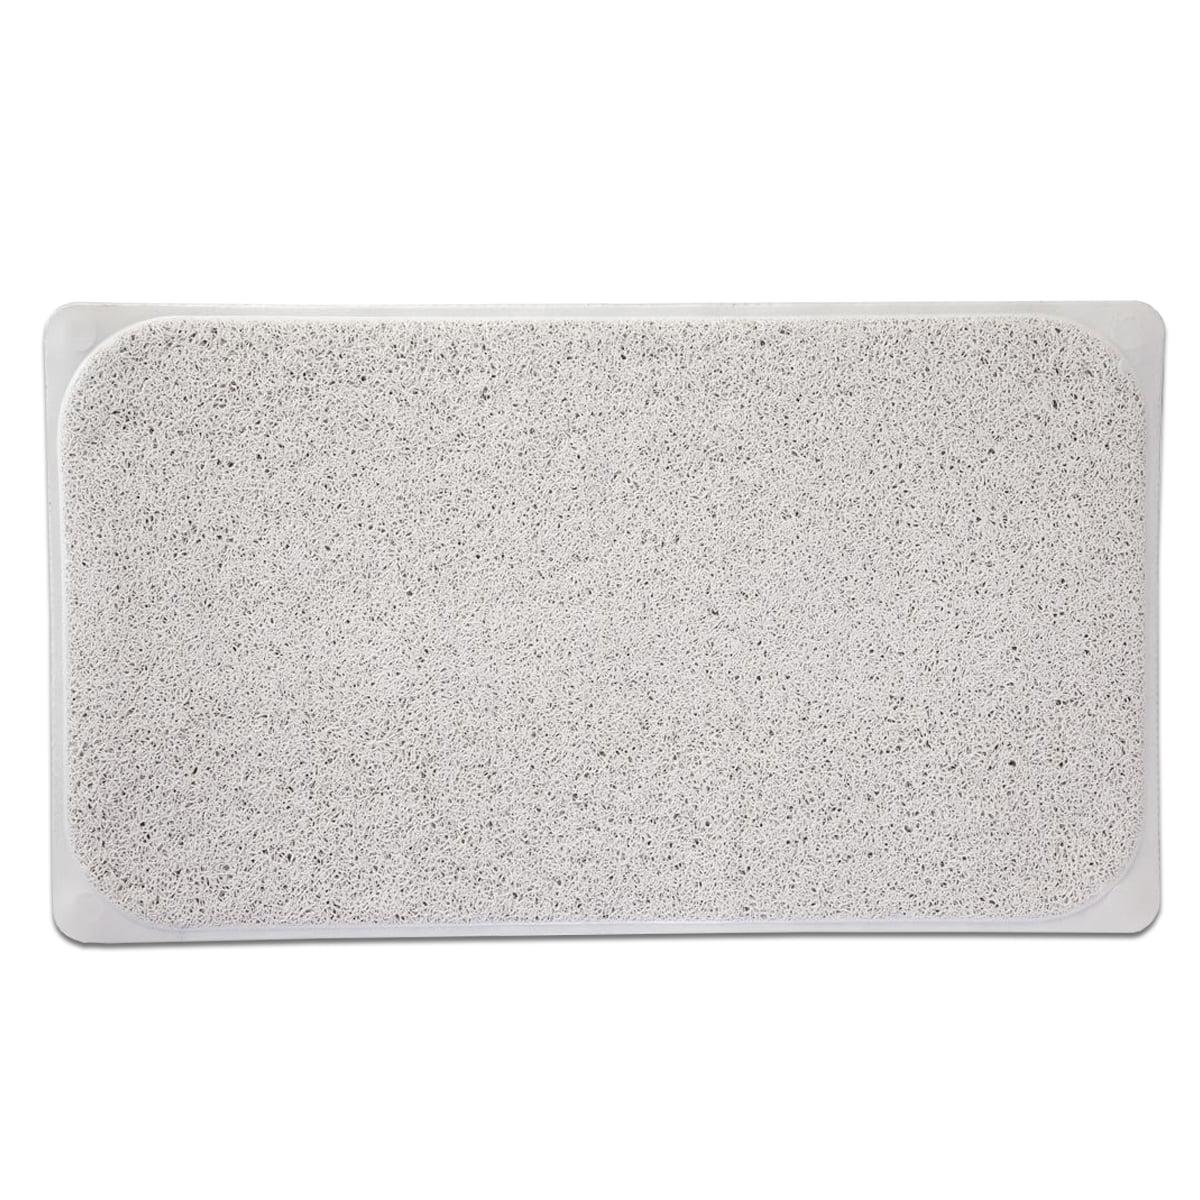 premium woven loofah non slip bathtub shower mat 17 25 on farmhouse colors for bath mats walmart id=43992